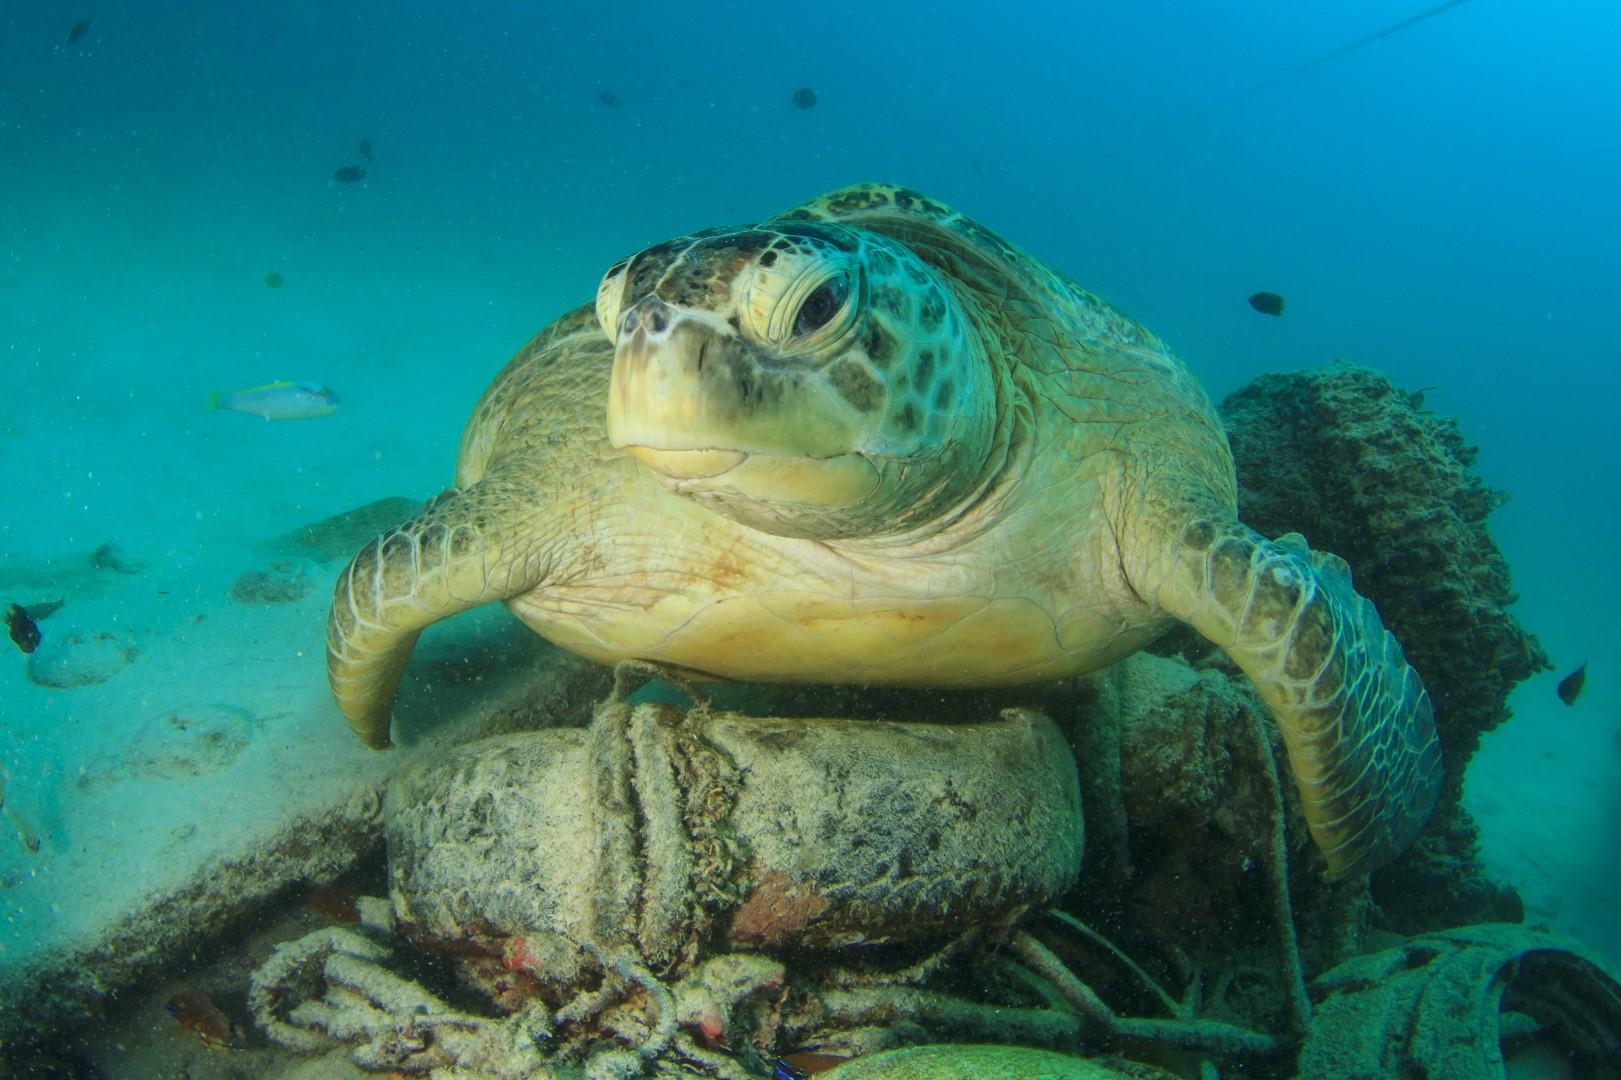 Turtle_rubbish